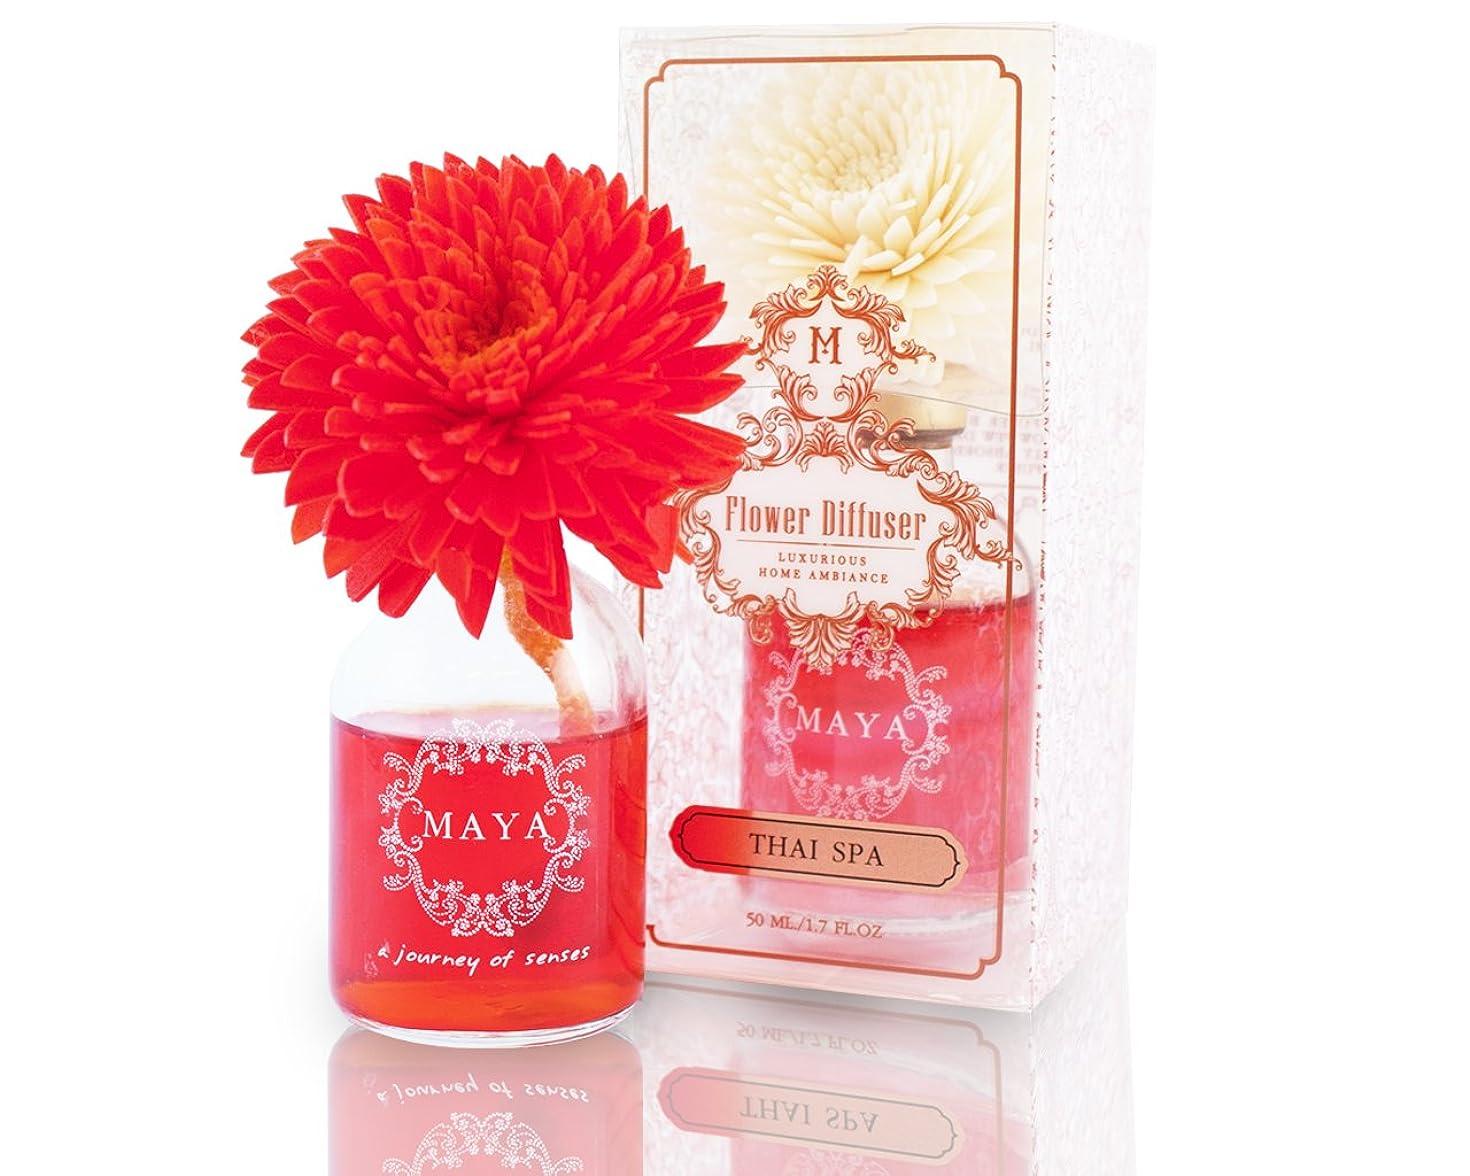 コーン障害者前にMAYA フラワーディフューザー タイスパ 50ml [並行輸入品]  Aroma Flower Diffuser THAI SPA 50ml